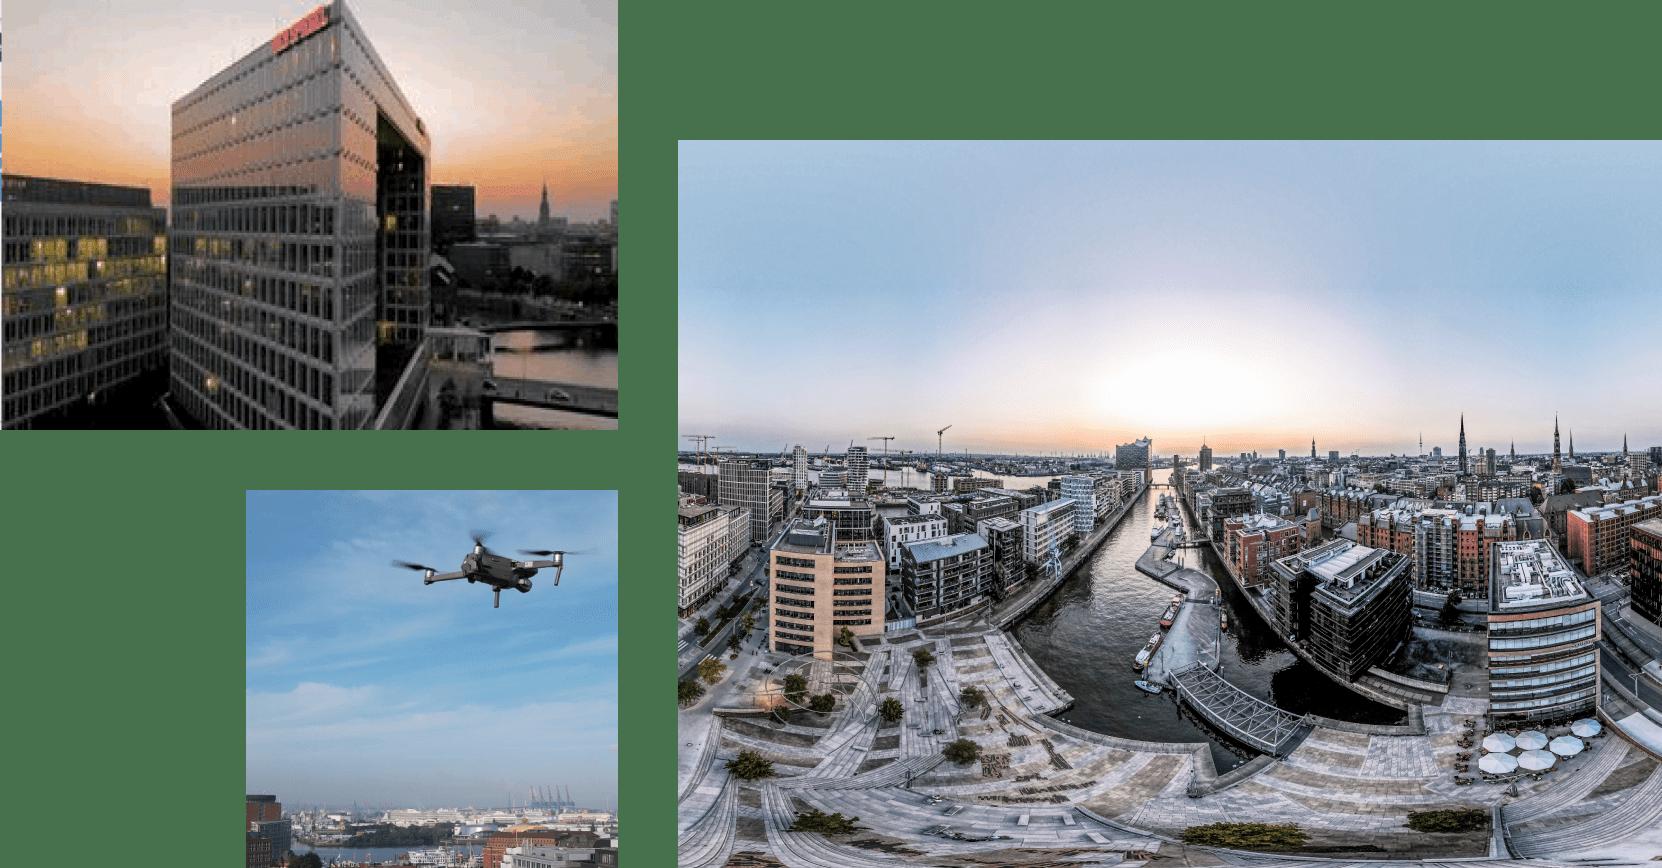 Drohnenaufnahmen in der Hamburger Hafencity